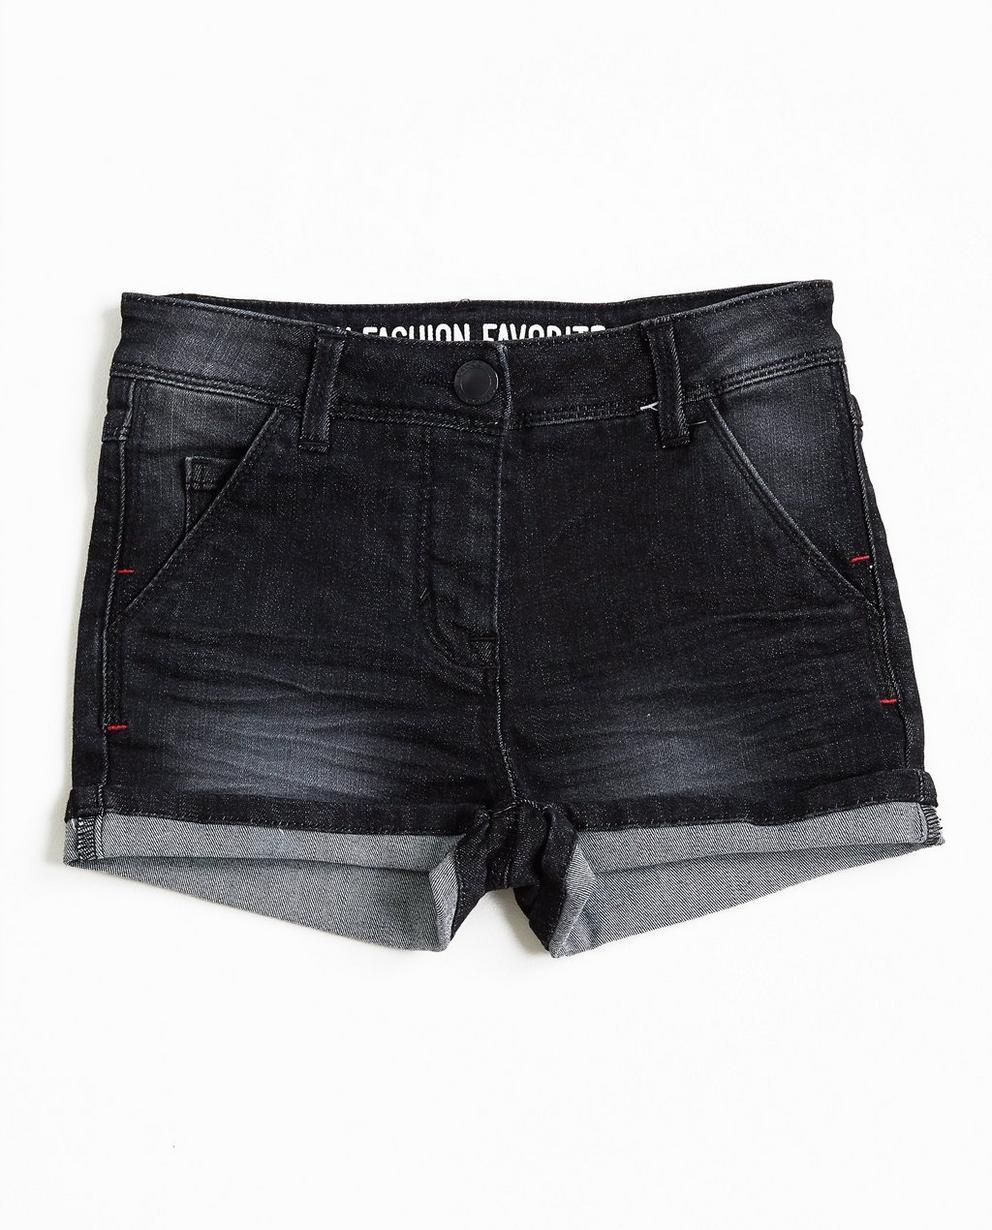 Short en jeans noir - délavé, revers aux jambes - Groggy